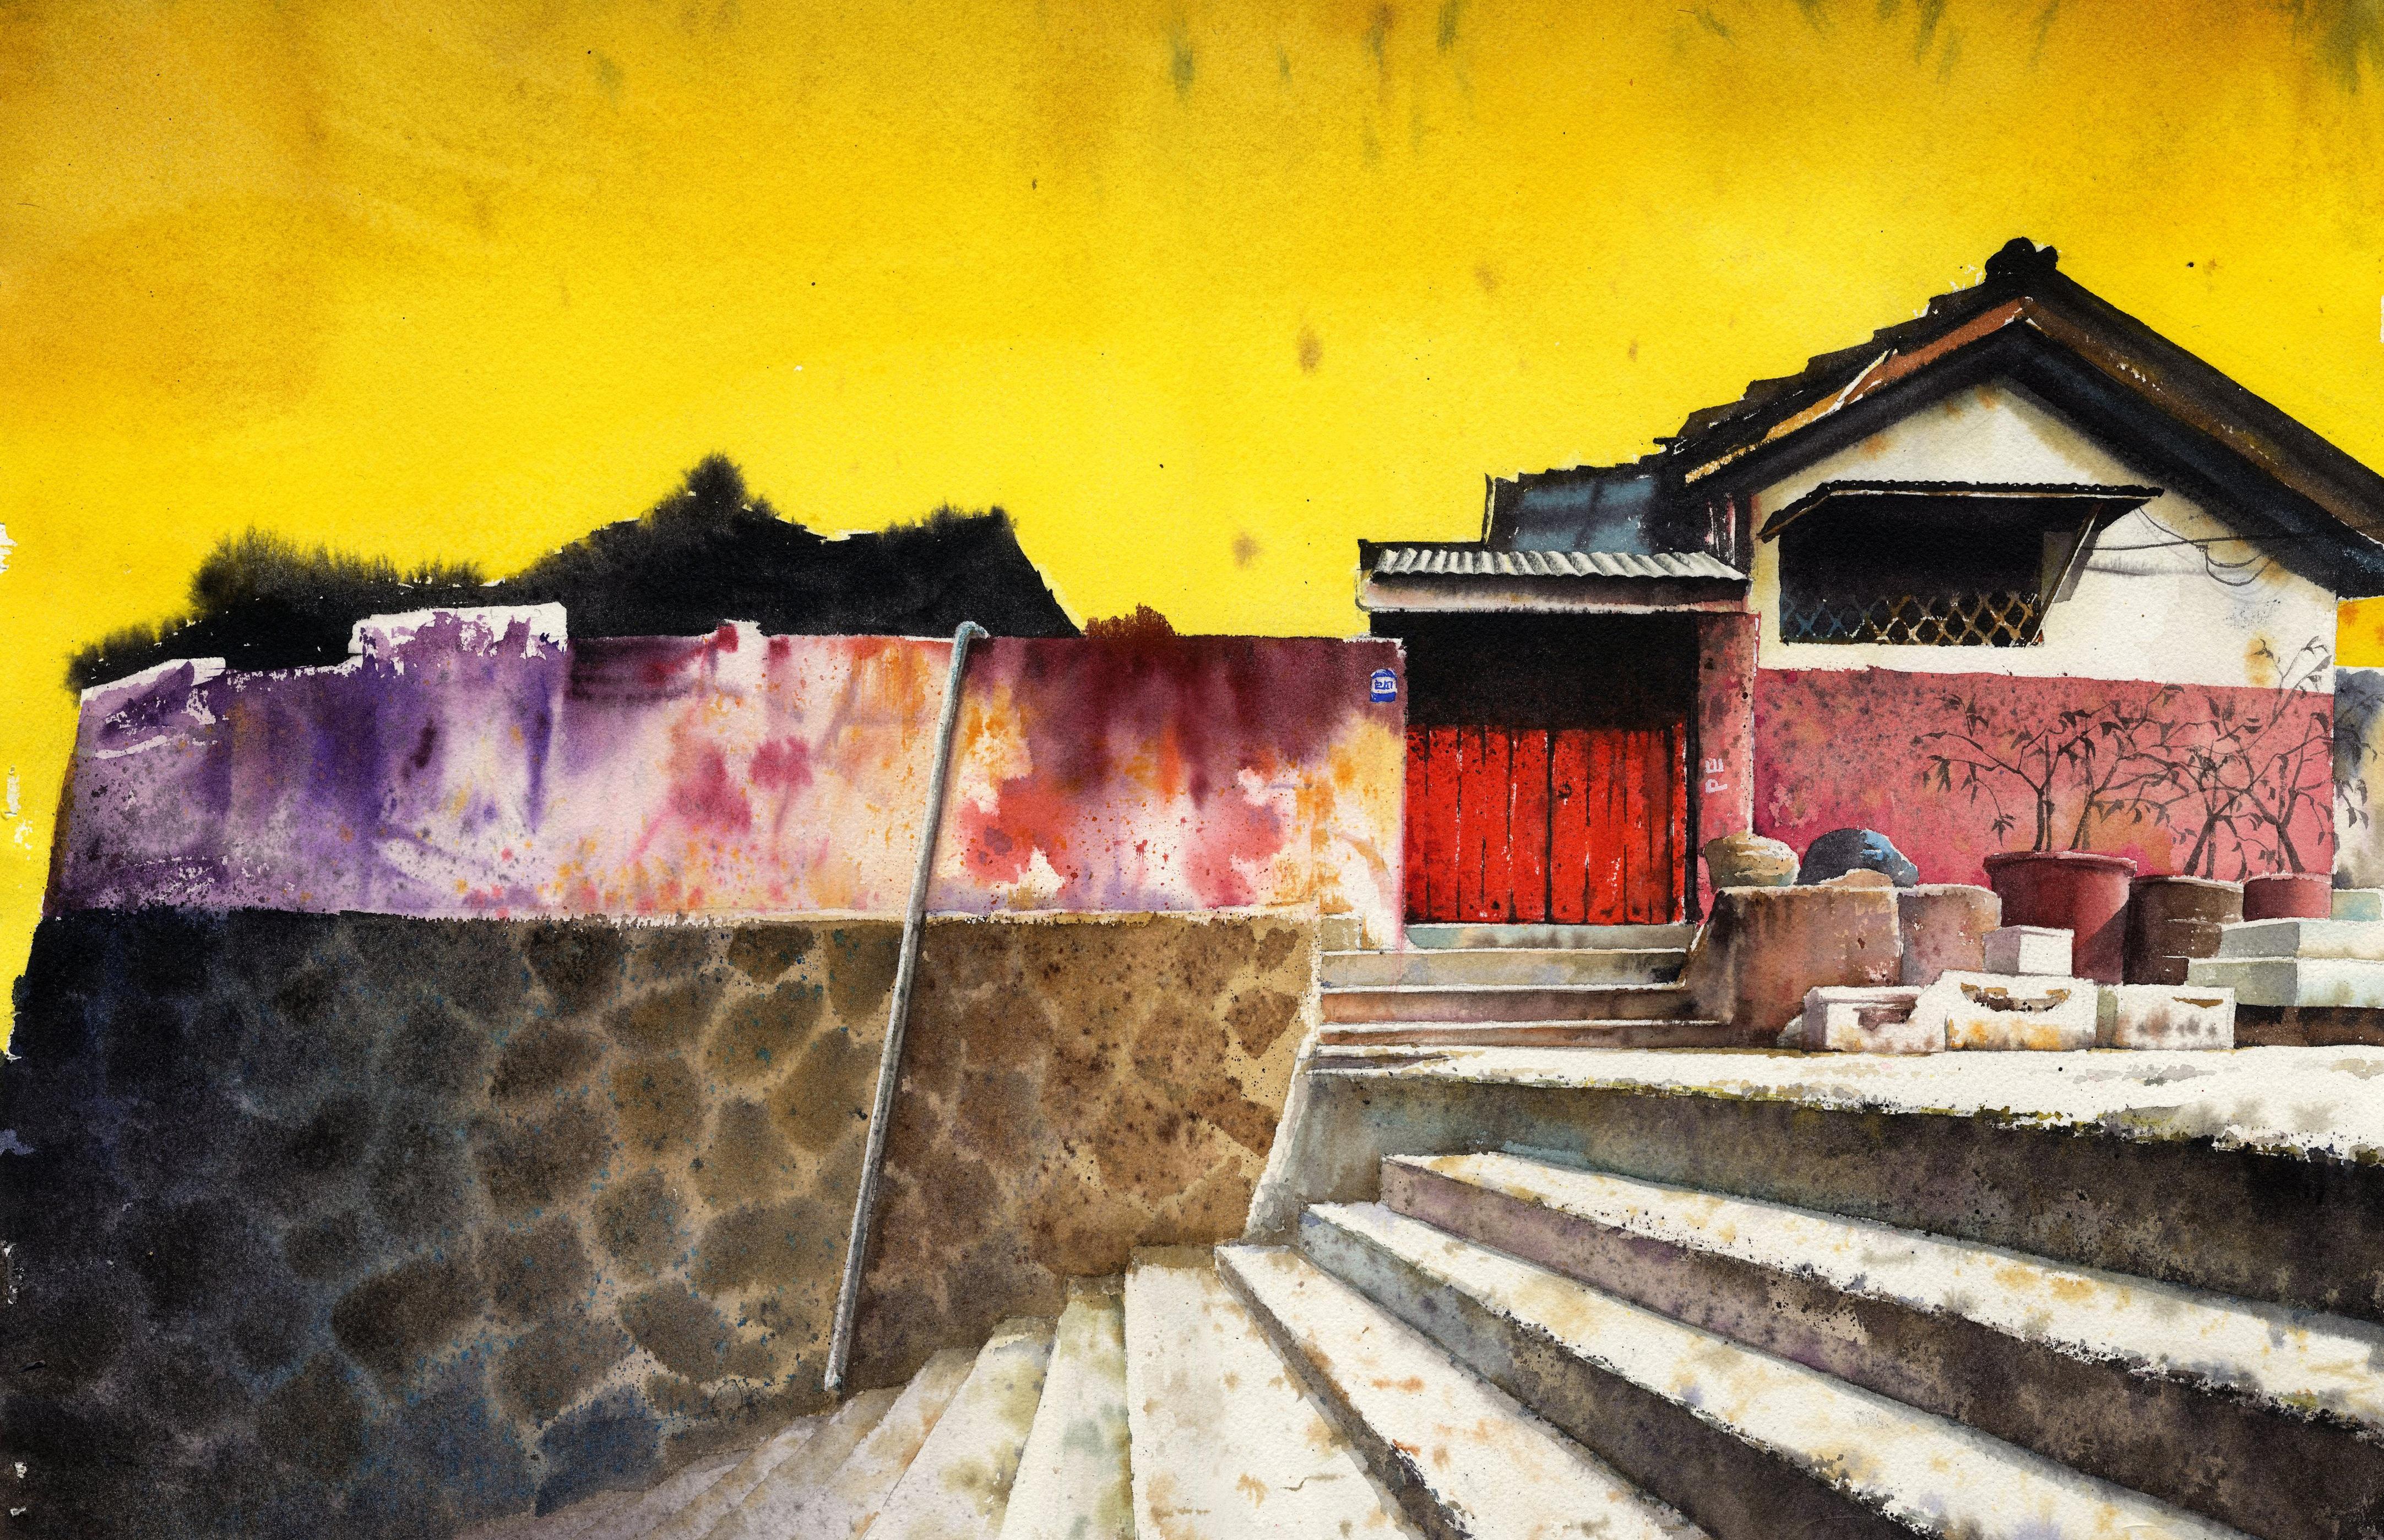 Gambar Pemandangan Kayu Rumah Dinding Mengangkut Warna Musim